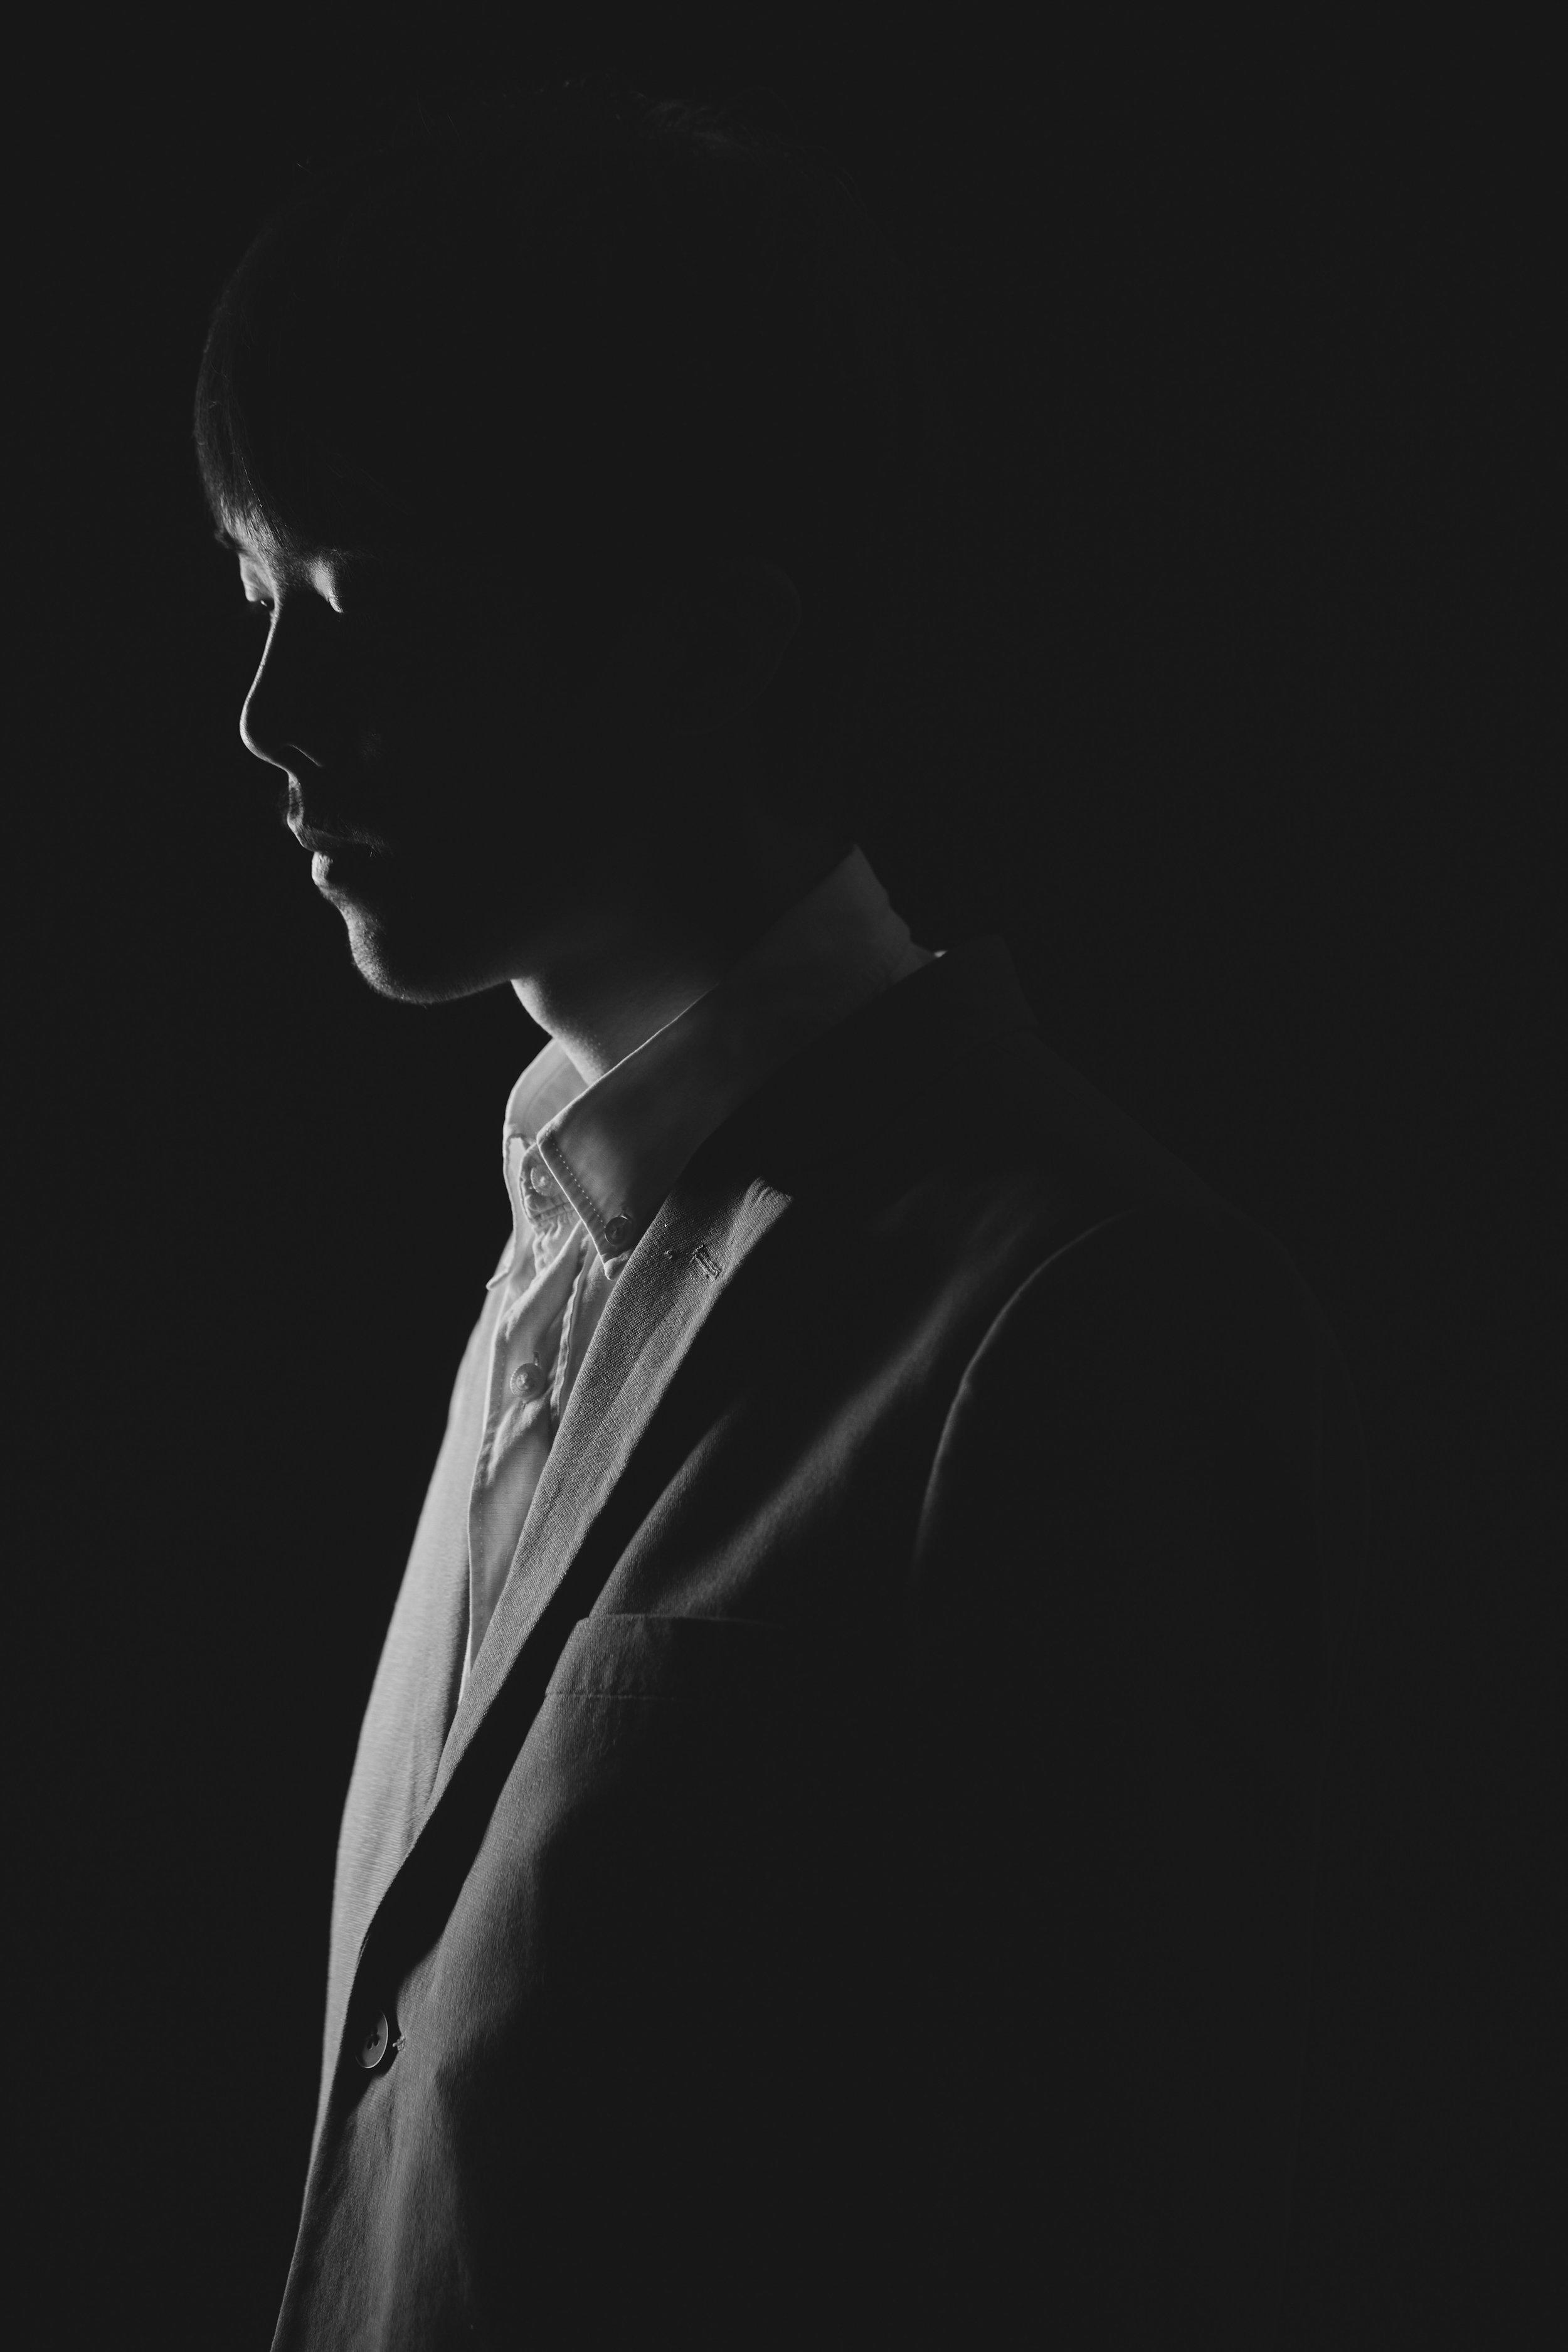 Jabin-Law_by_Michae-CW-Chiu-Still-Loud006.jpg